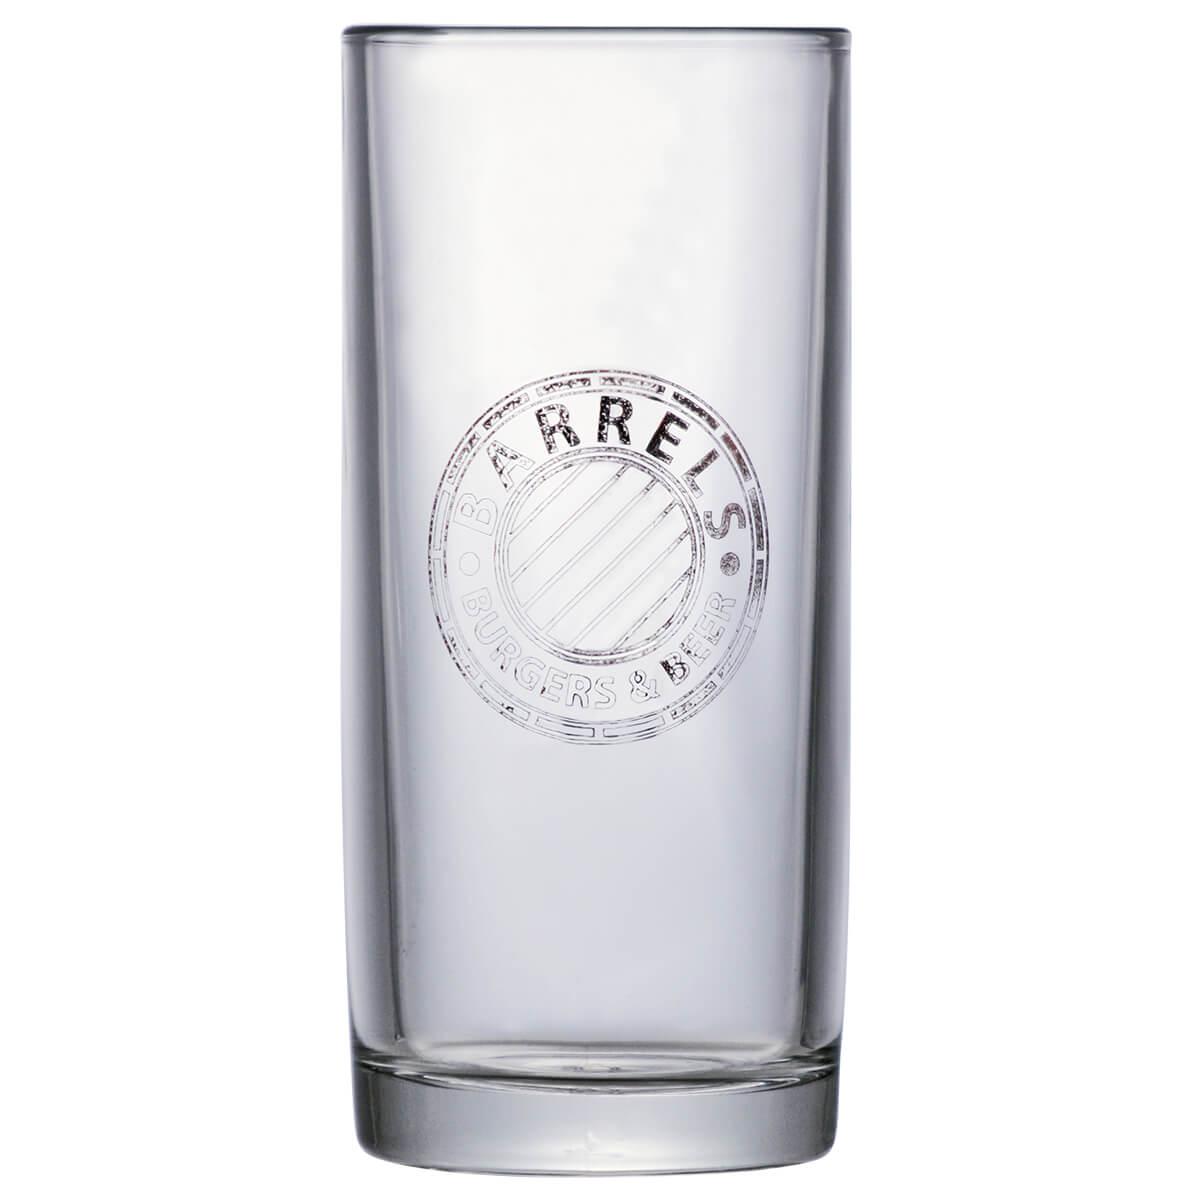 Caneca de Chopp de Vidro ou Cerveja Barrels 300ml